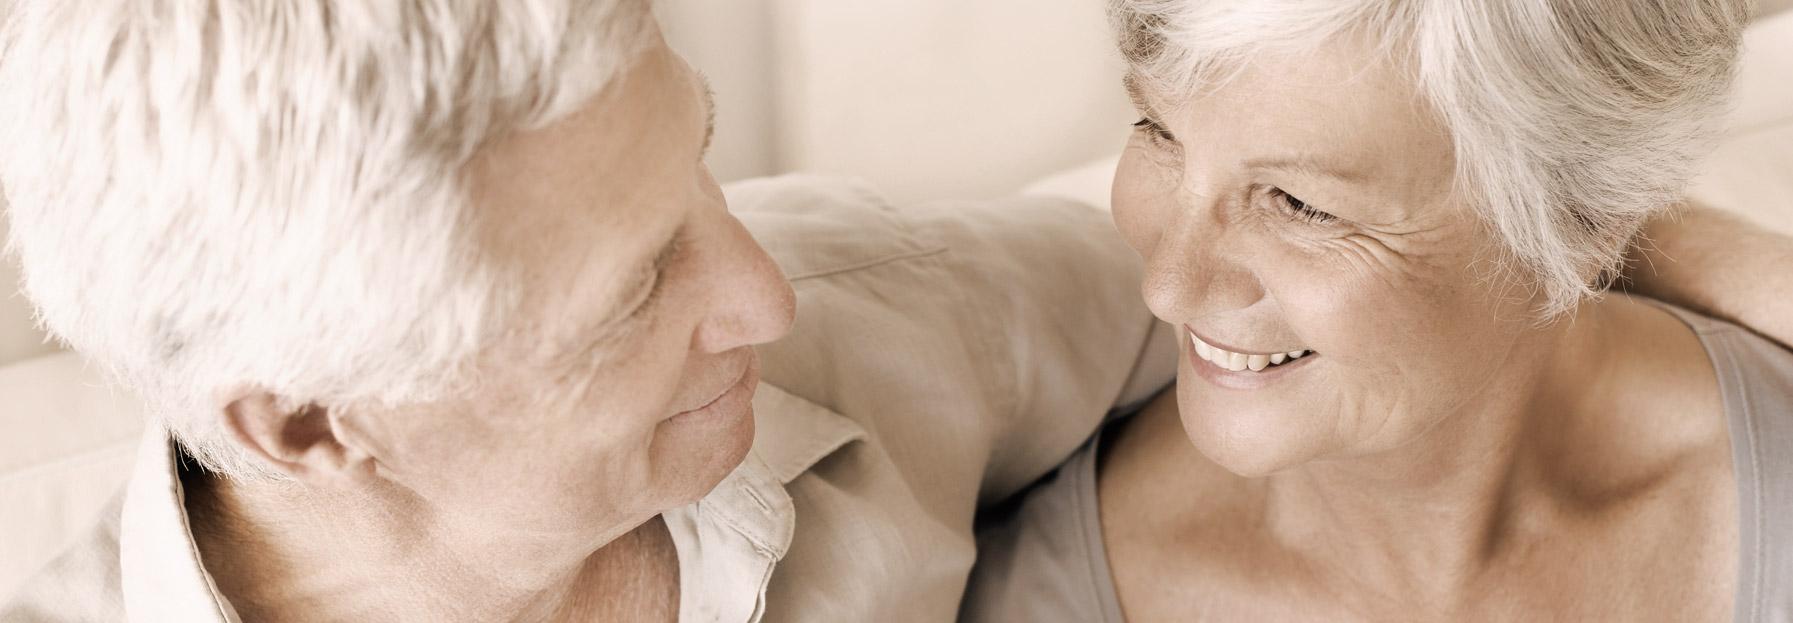 betreutes wohnen, gemeinschaft, gesellschaft, freunde, senioren, wohnen, eigene wohnung, hamburg, geesthacht